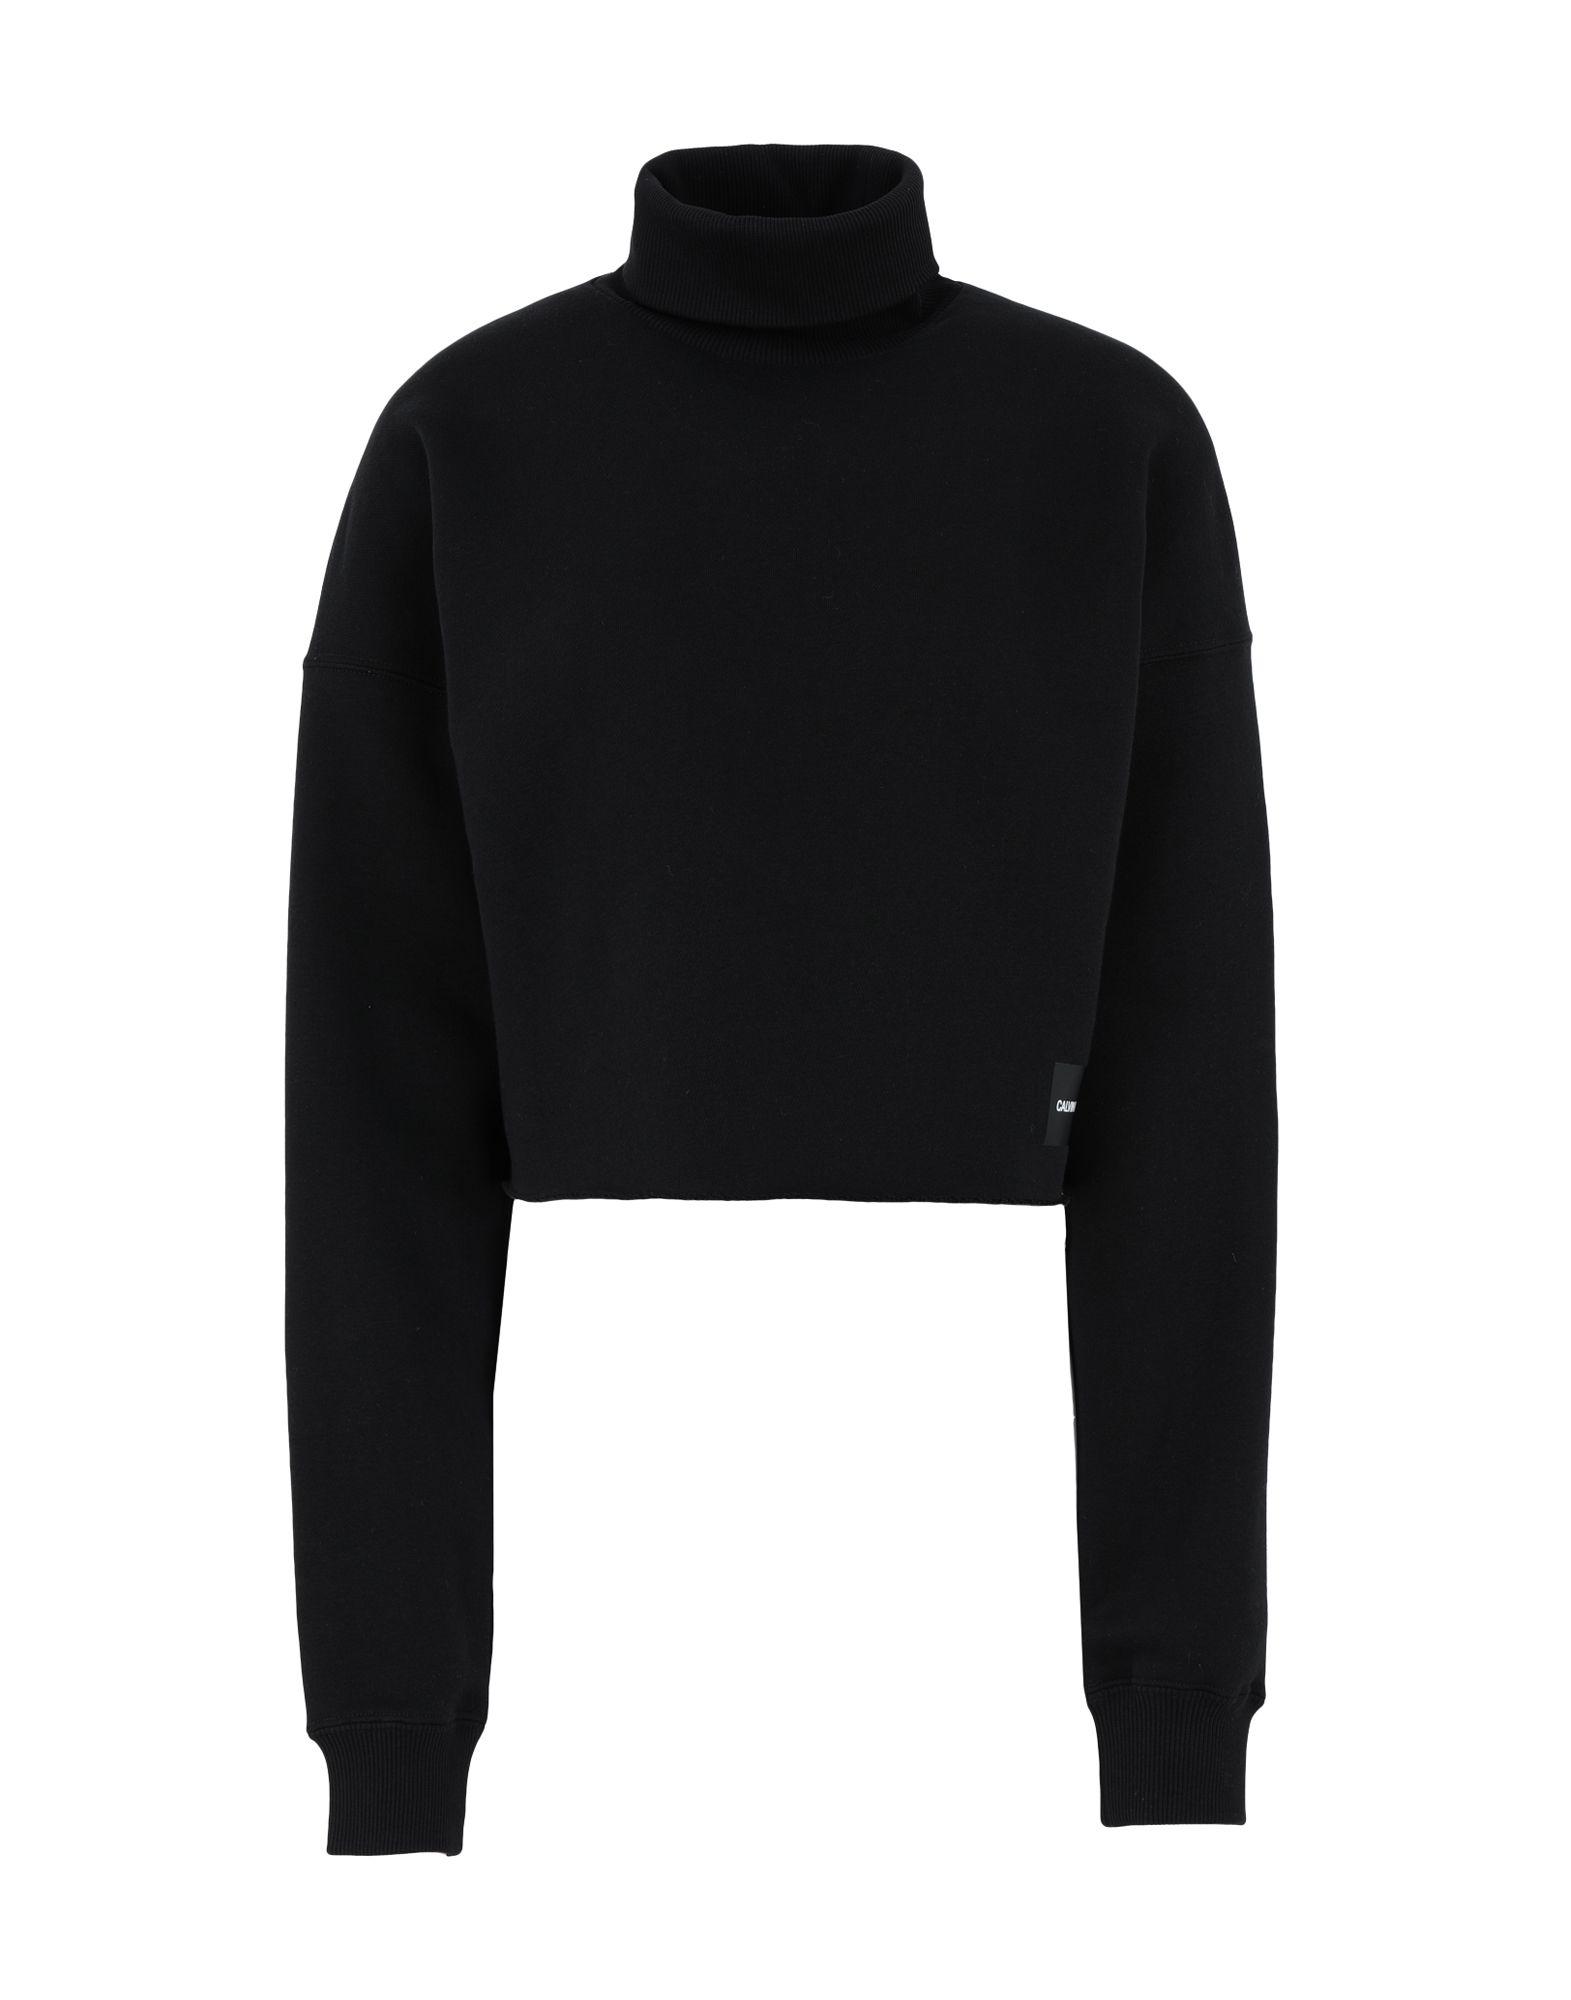 джемпер женский calvin klein jeans цвет серый j20j208528 0390 размер xs 40 42 CALVIN KLEIN JEANS Толстовка